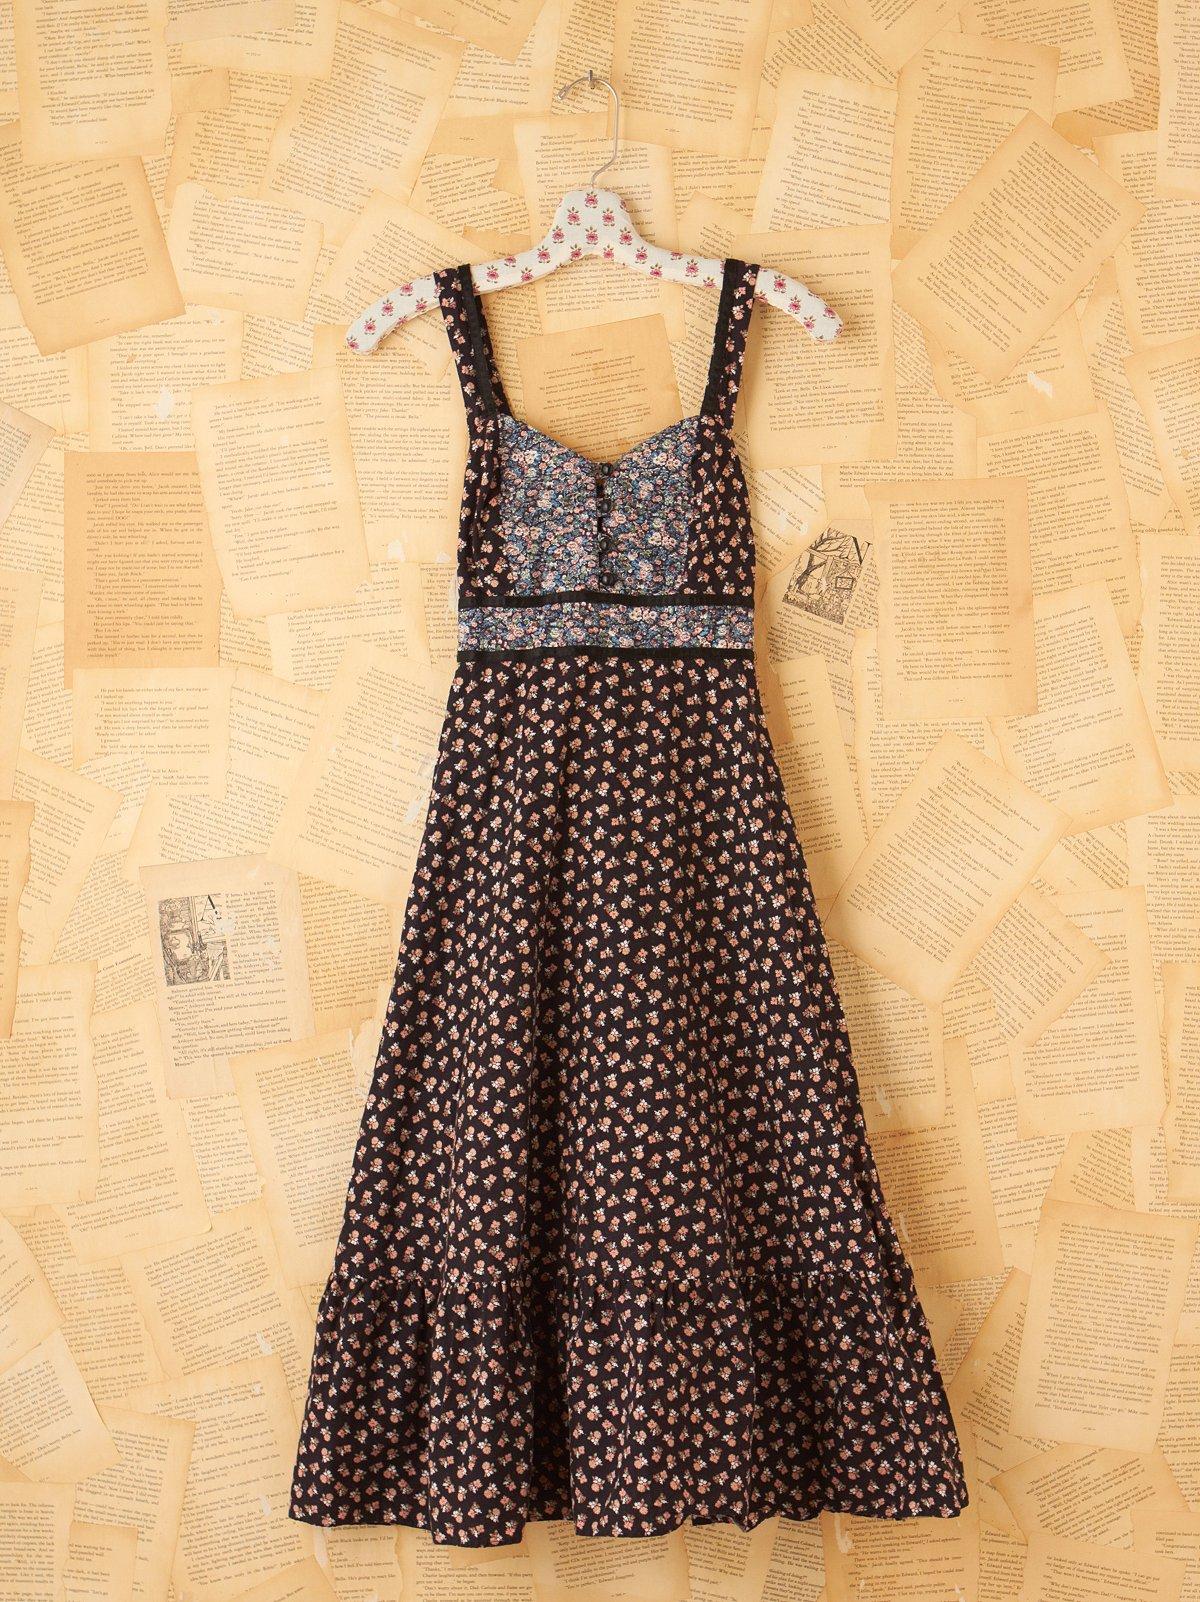 Vintage 70s Buttondown Dress